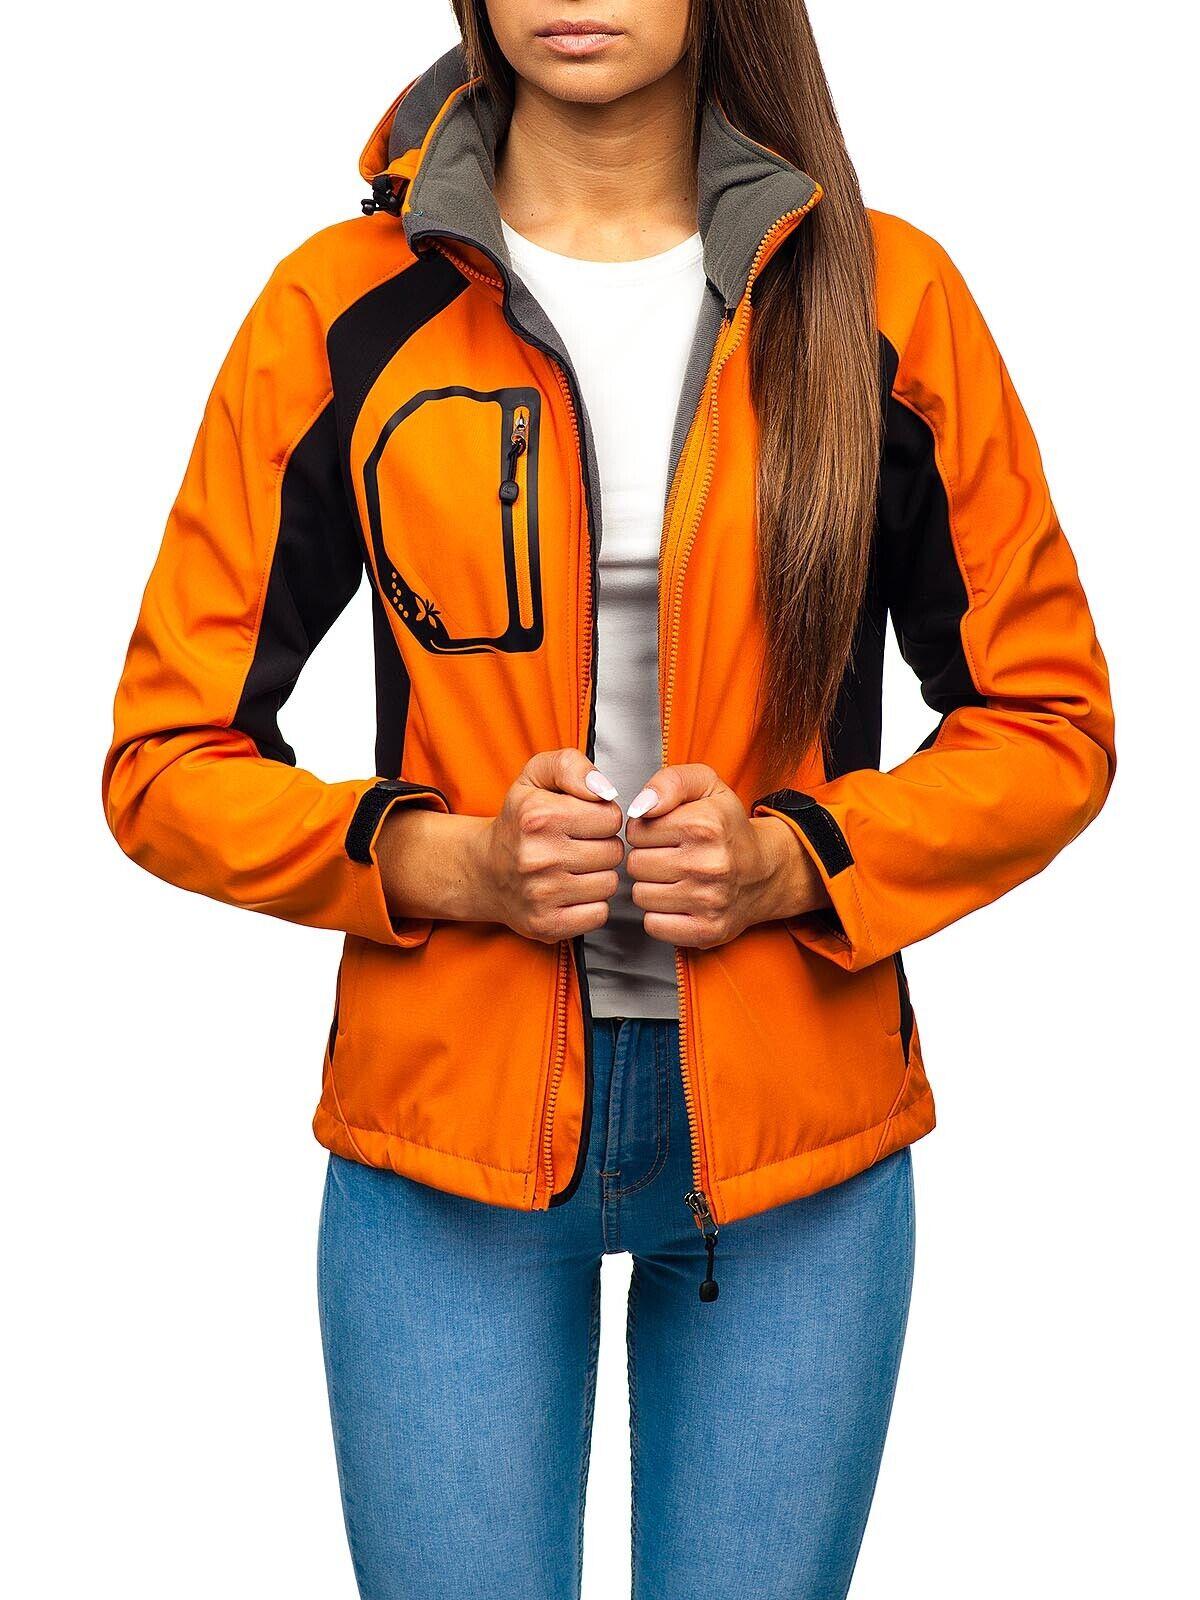 Softshelljacke Übergangsjacke Sweatjacke Sport Winter Damen BOLF D4D Soft Shell